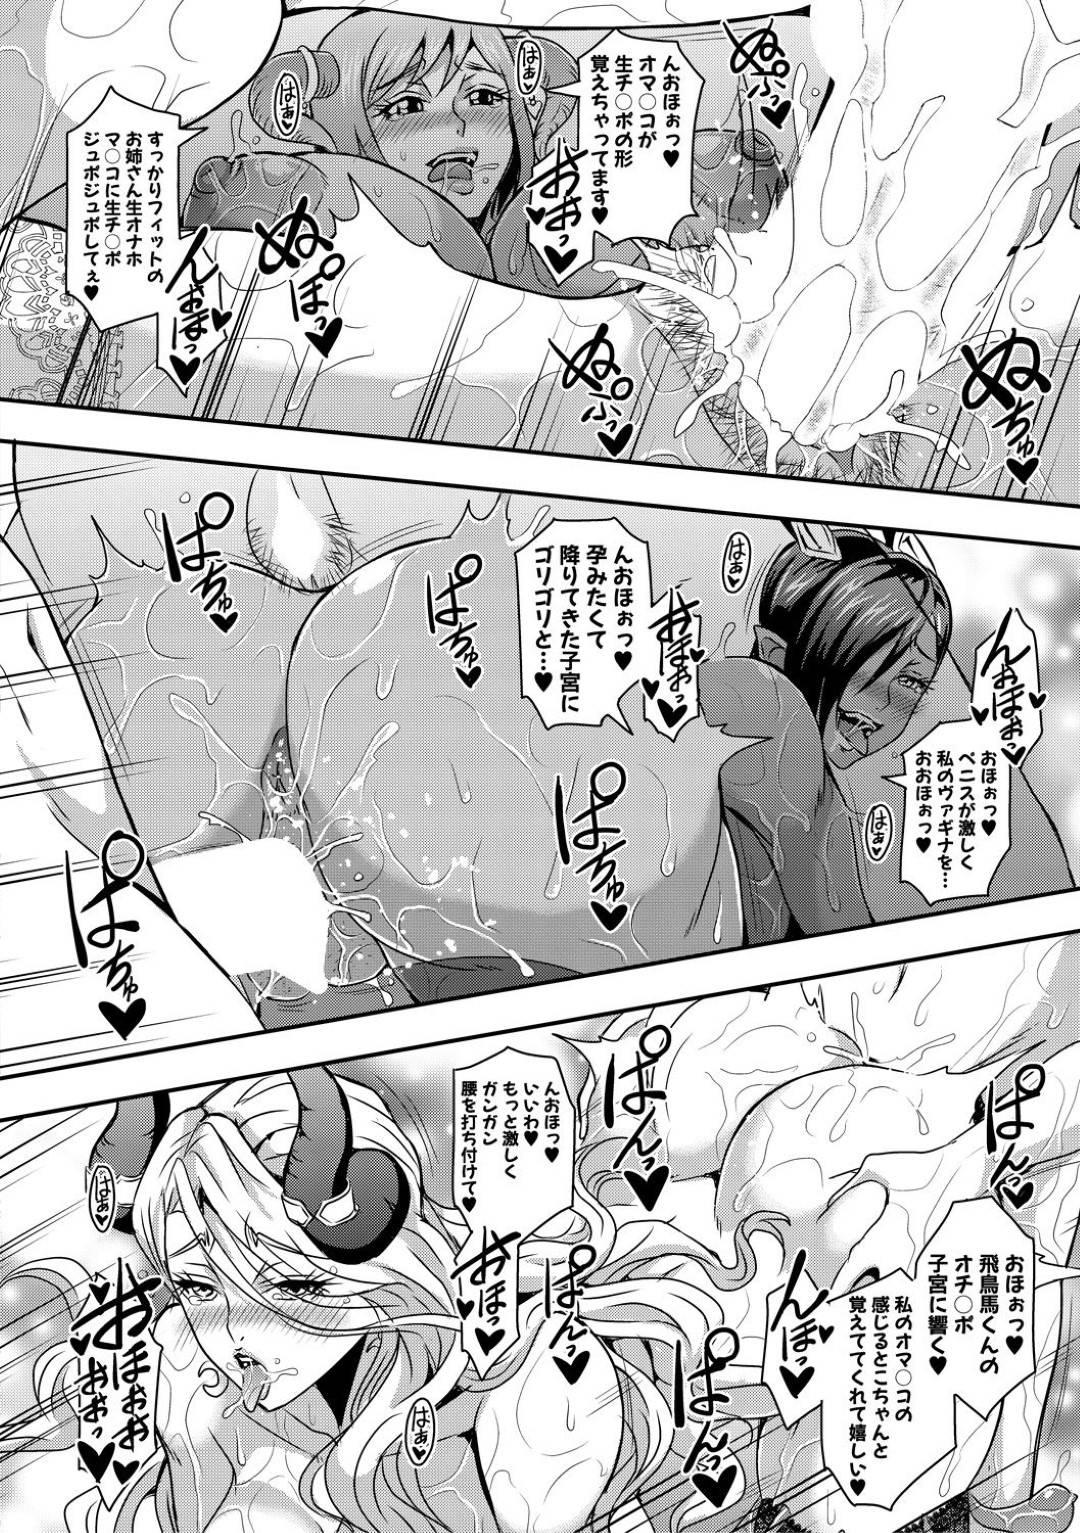 ど変態なサキュバスであるママ…ハーレムにフェラしたりパイズリしてイチャラブセックスしちゃう!【三船誠二郎:僕とサキュバスママたちとのハーレム生活 第二話】